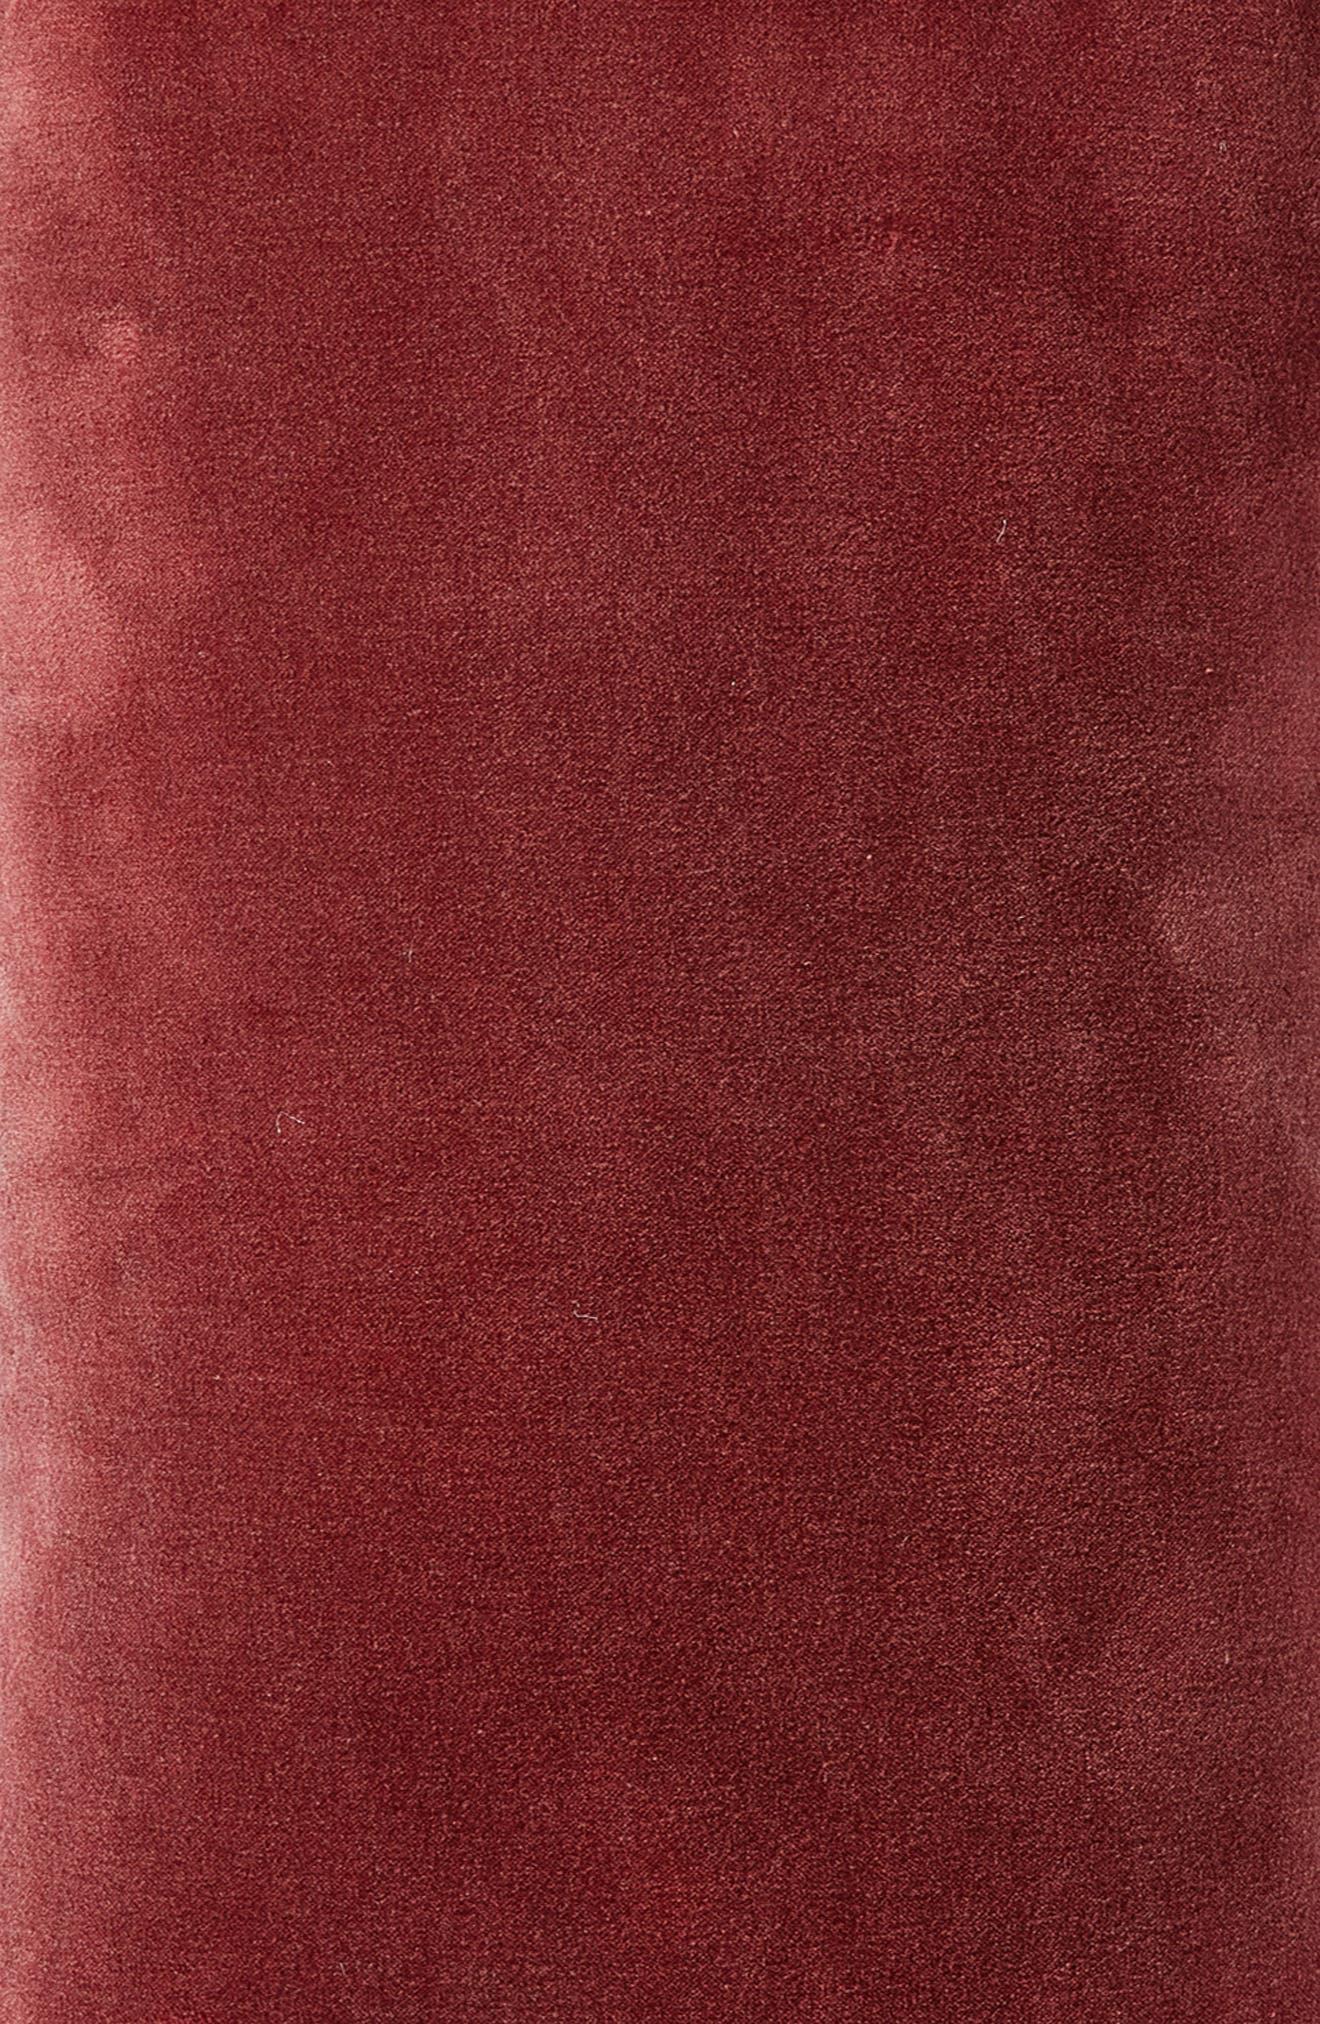 Velvet Accent Pillow,                             Alternate thumbnail 3, color,                             BROWN ROSE